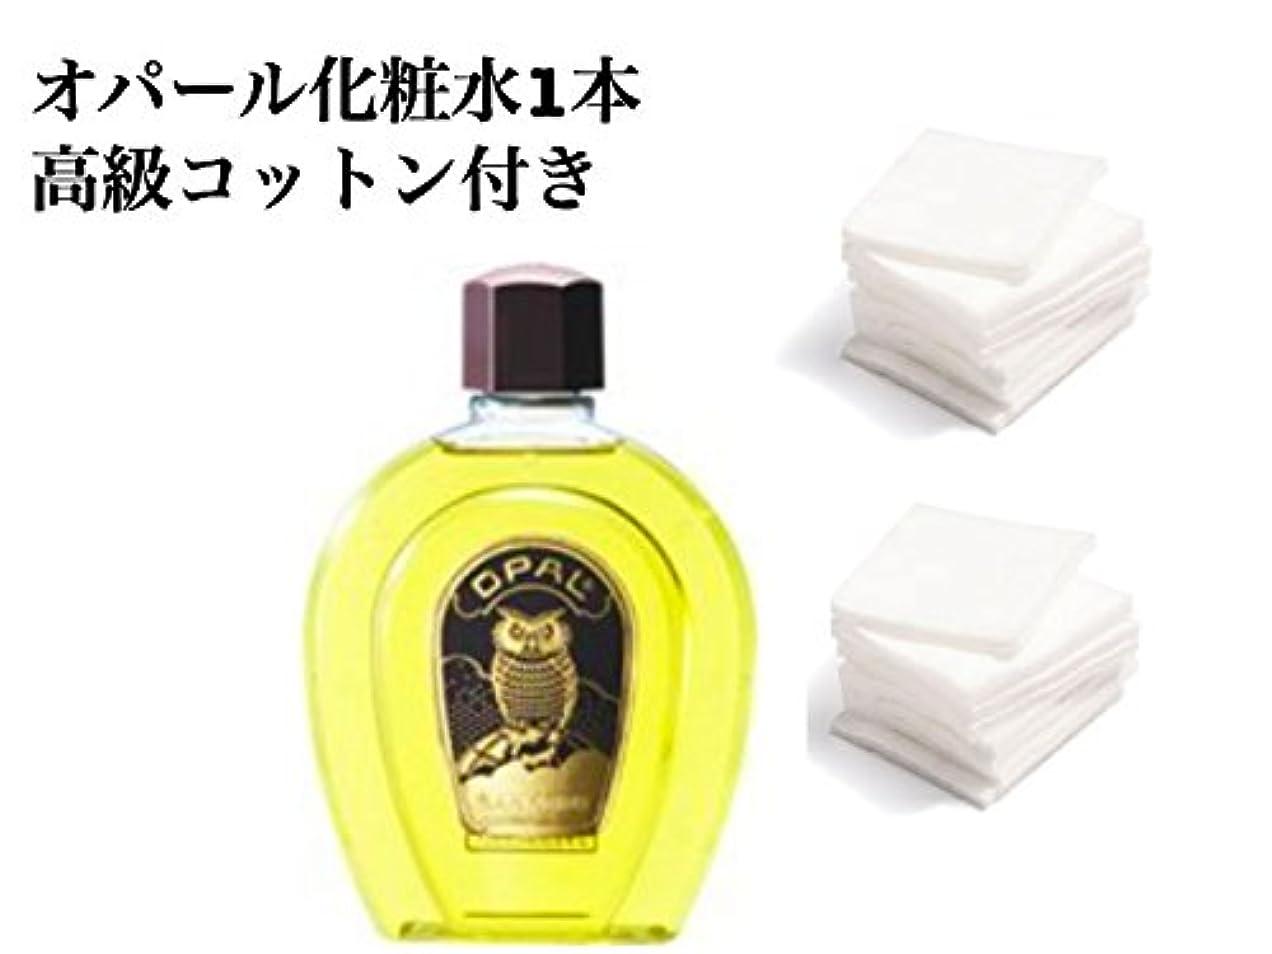 第五価格フィード薬用オパール 普通肌?荒肌用化粧水 [医薬部外品] (150mL) コットン付き